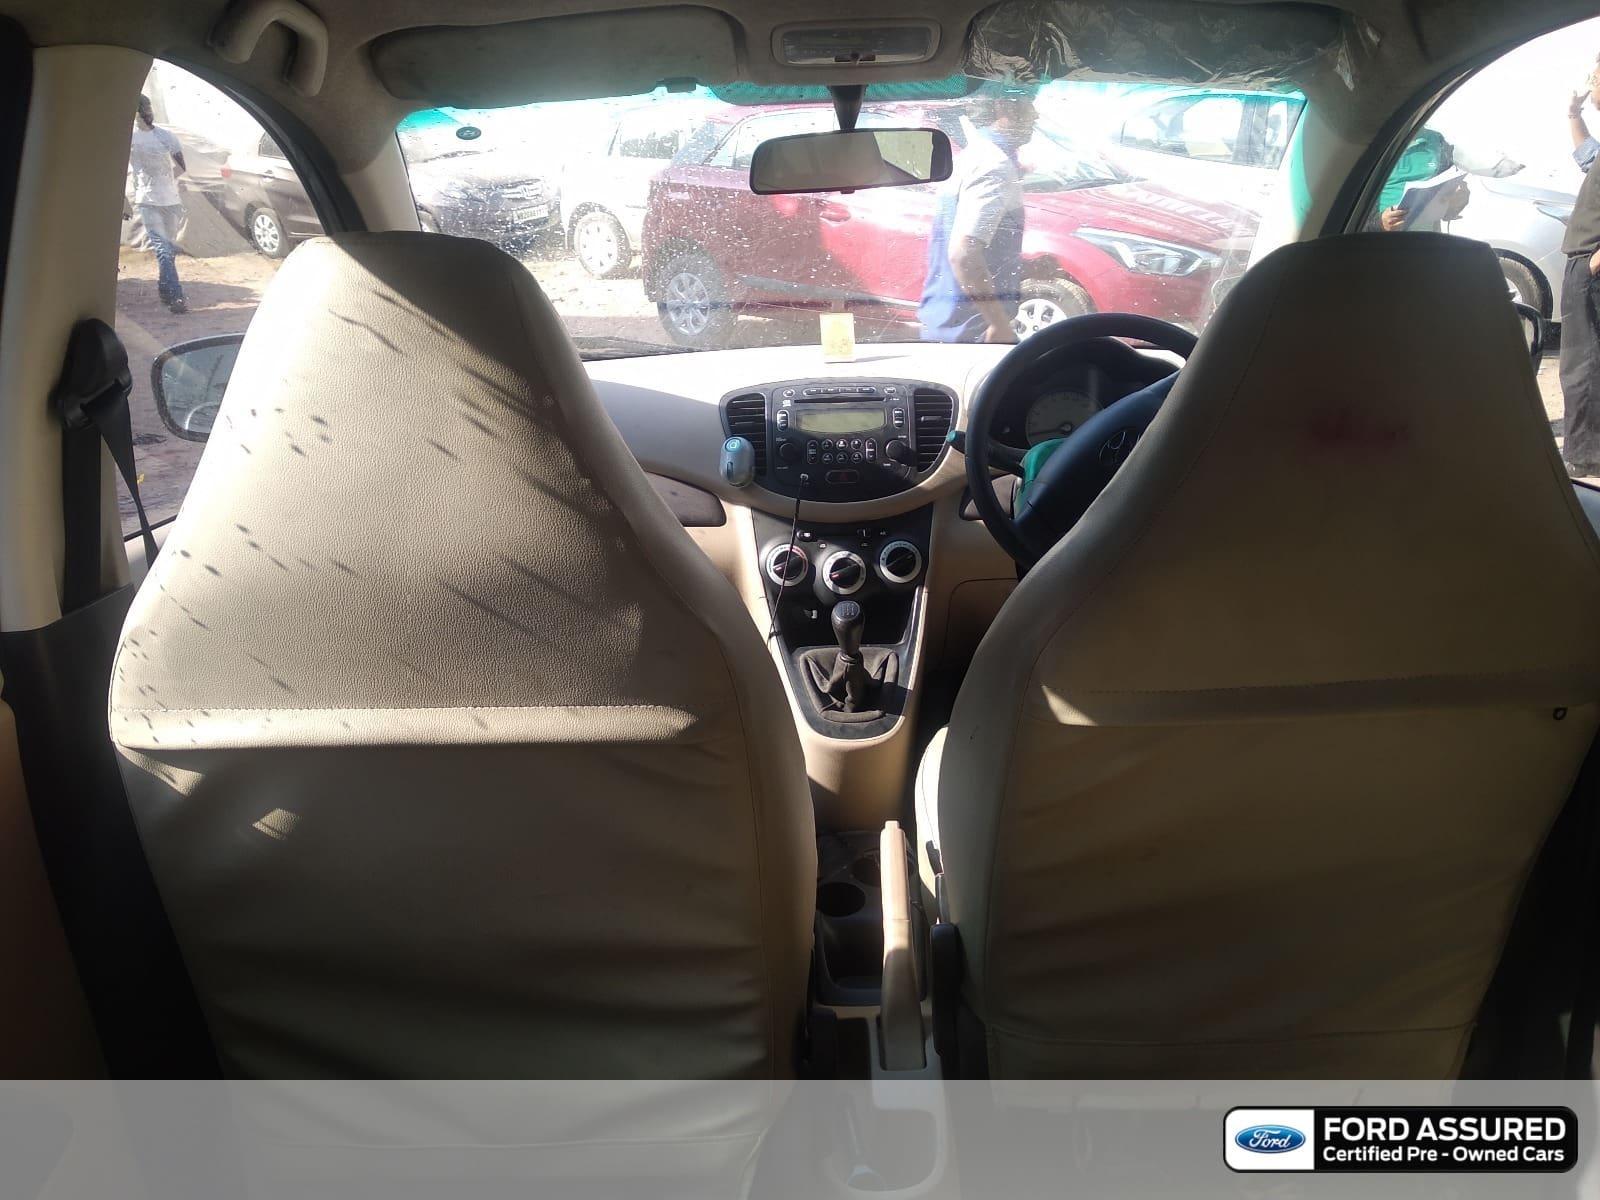 Hyundai i10 2007-2010 Sportz 1.2 AT